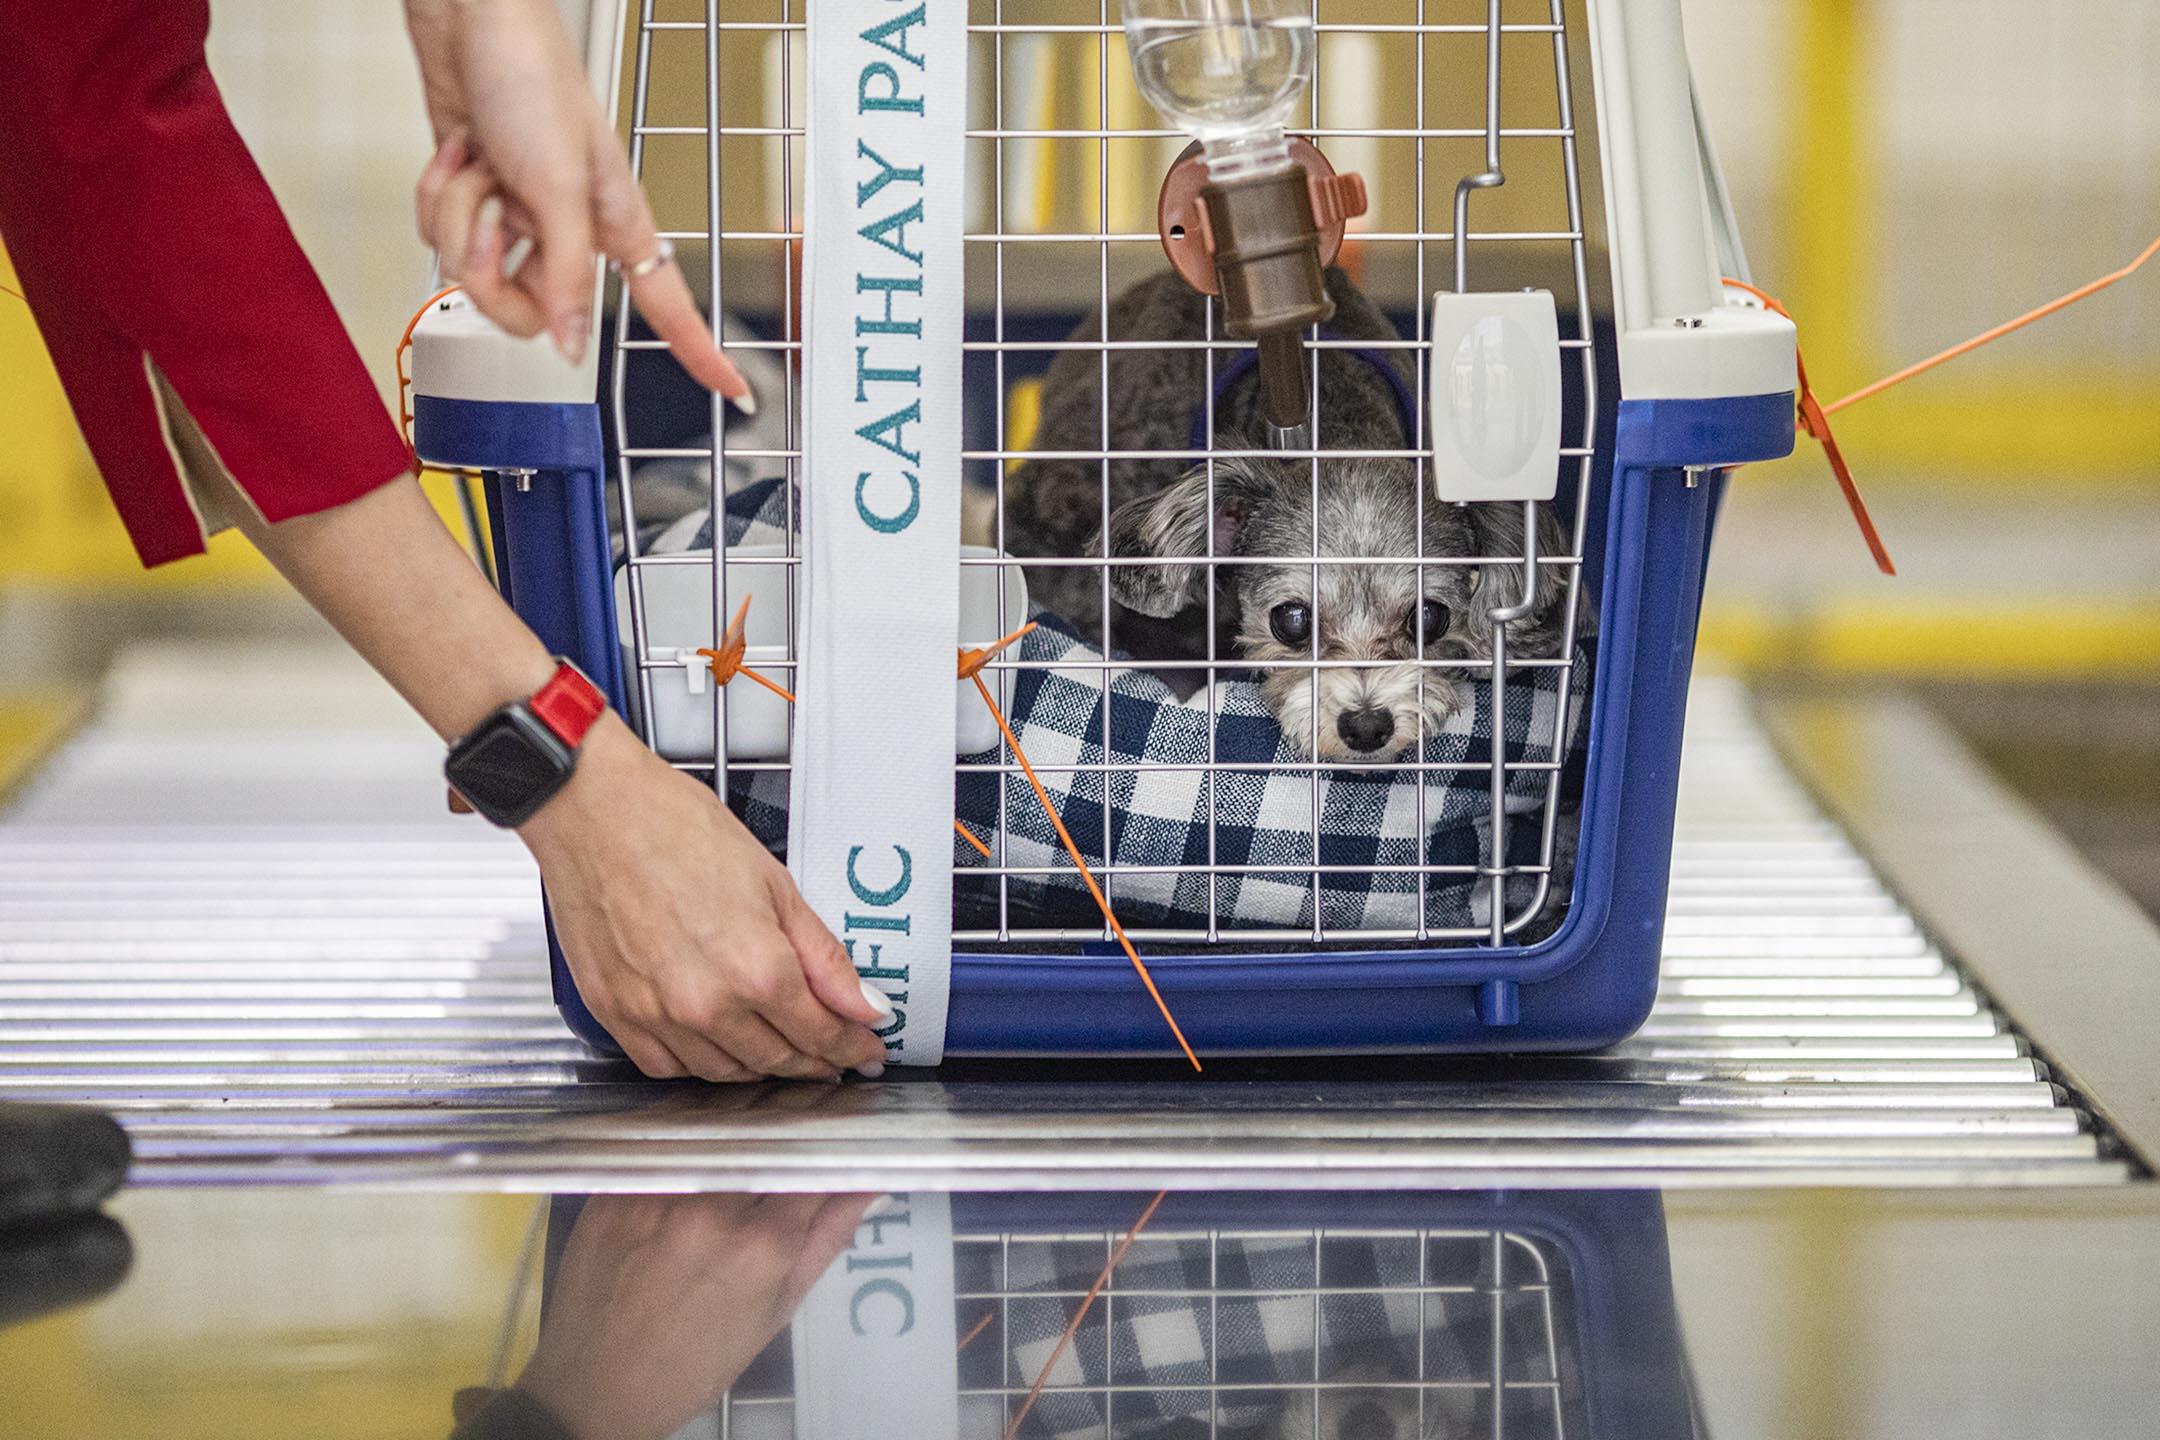 2021年2月25日香港國際機場,Florence的愛犬芝麻準備登機。